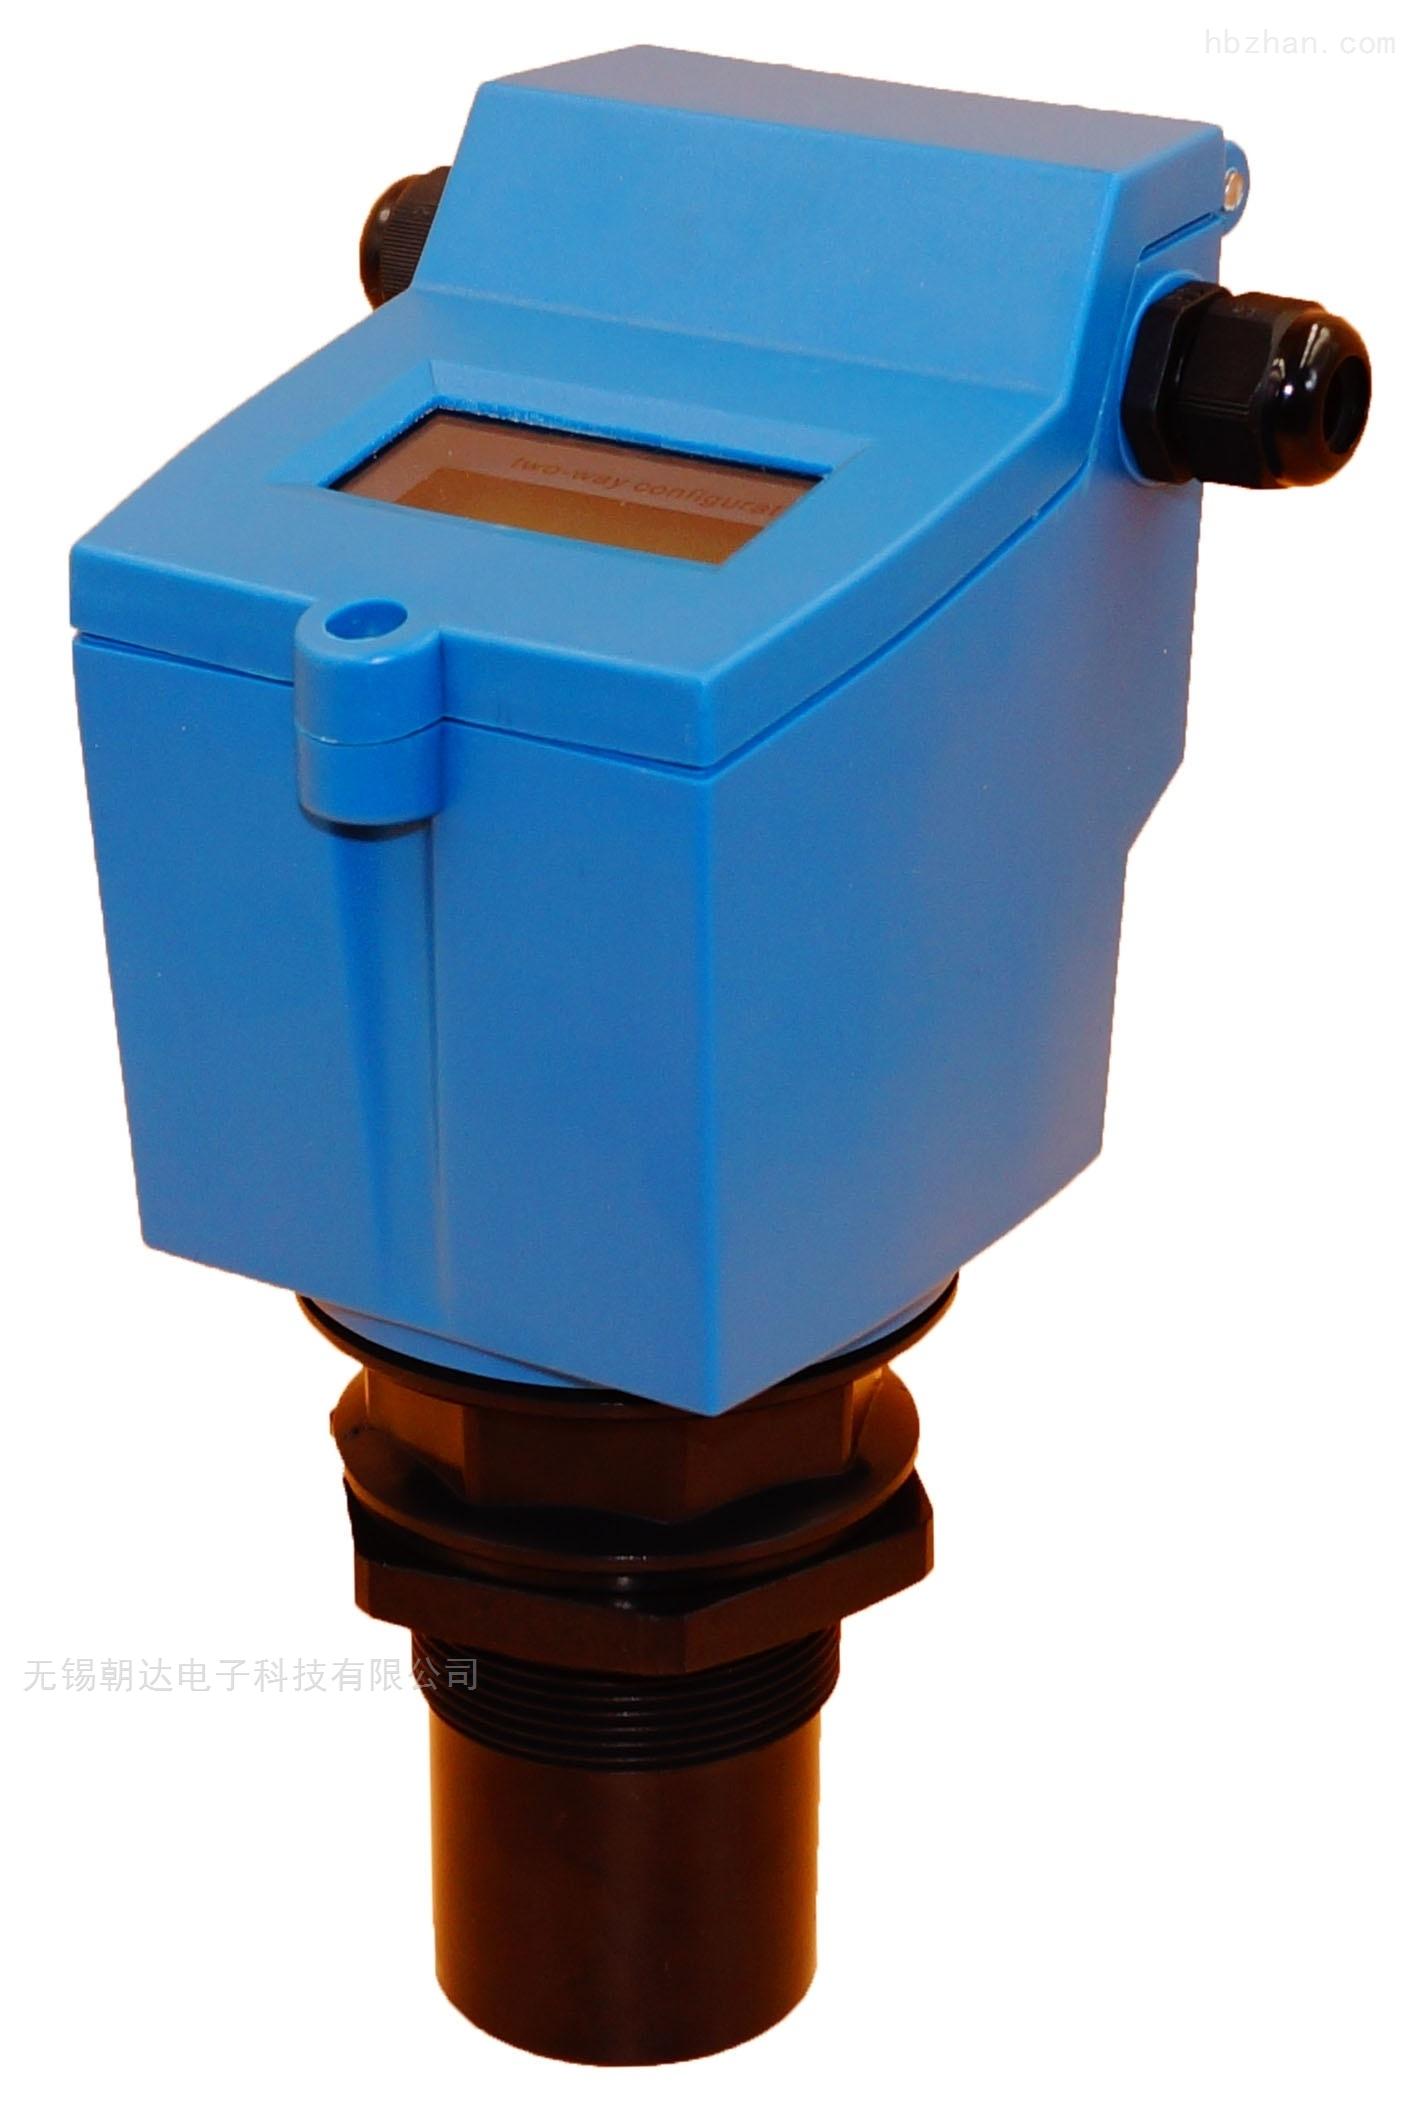 台州超声波液位计厂家价格